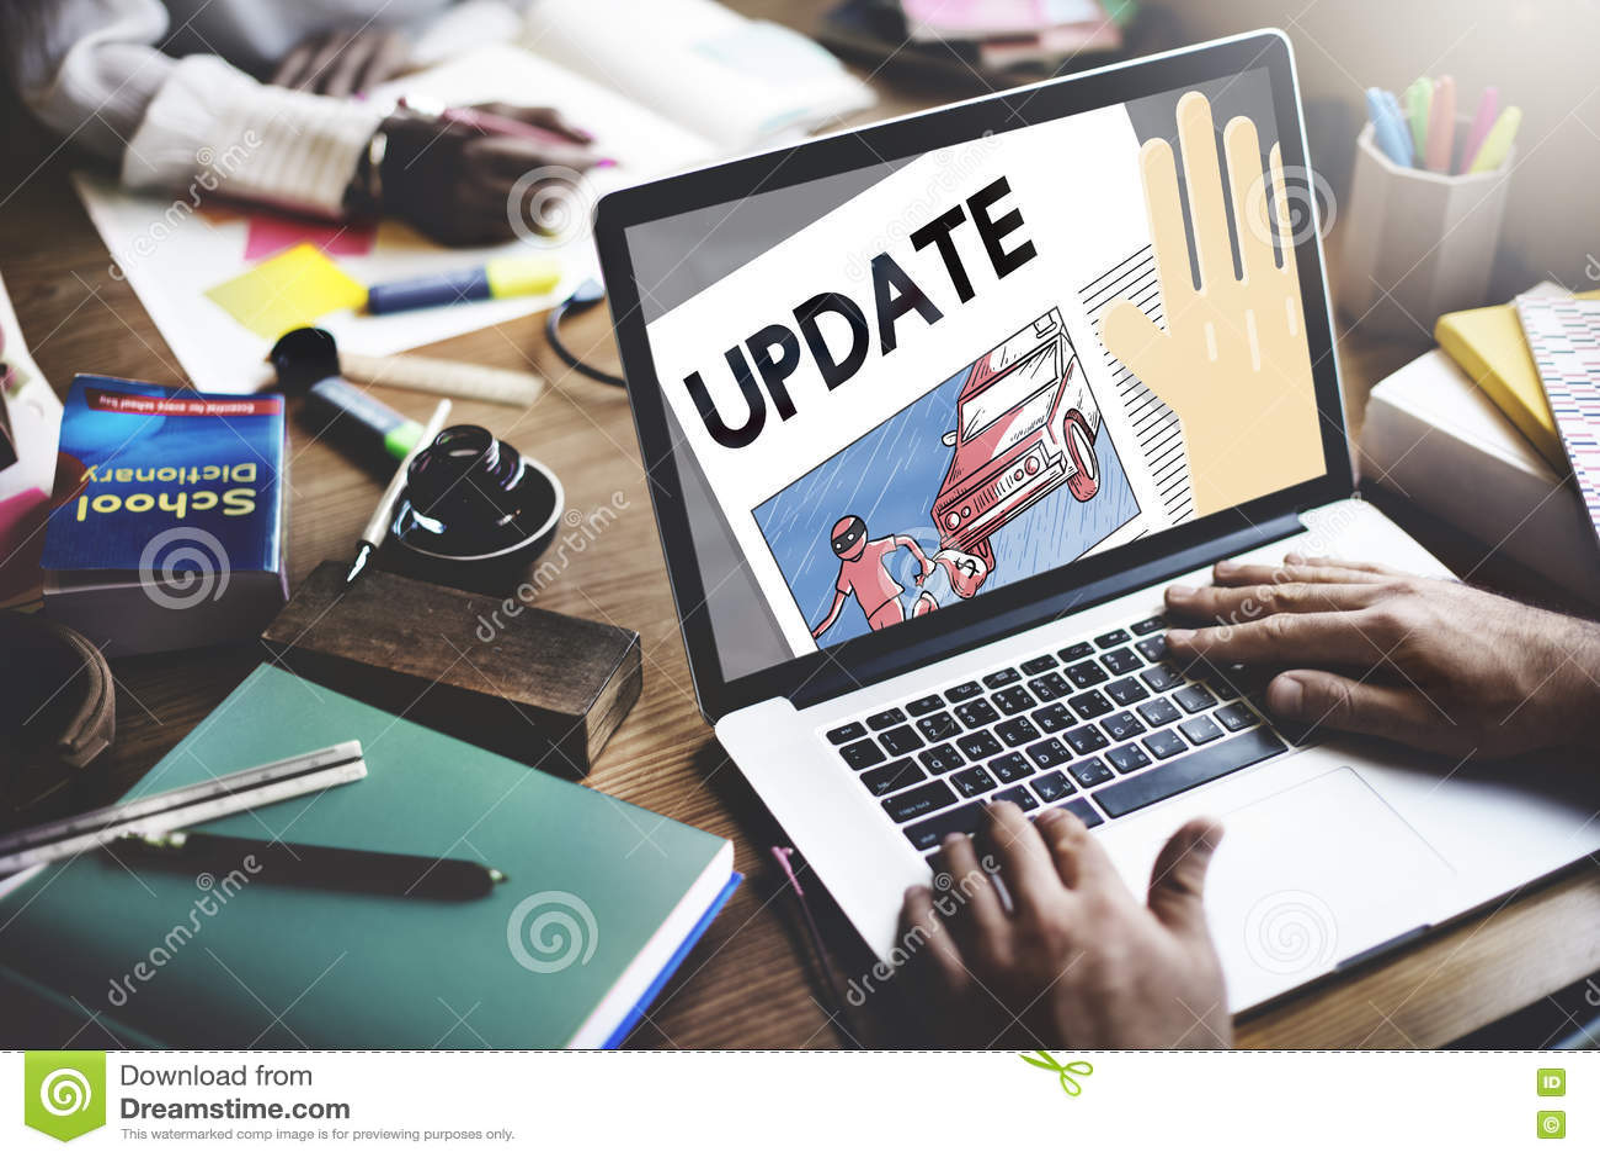 Uppdatering som tenderar begrepp för information om breaking newsrapport